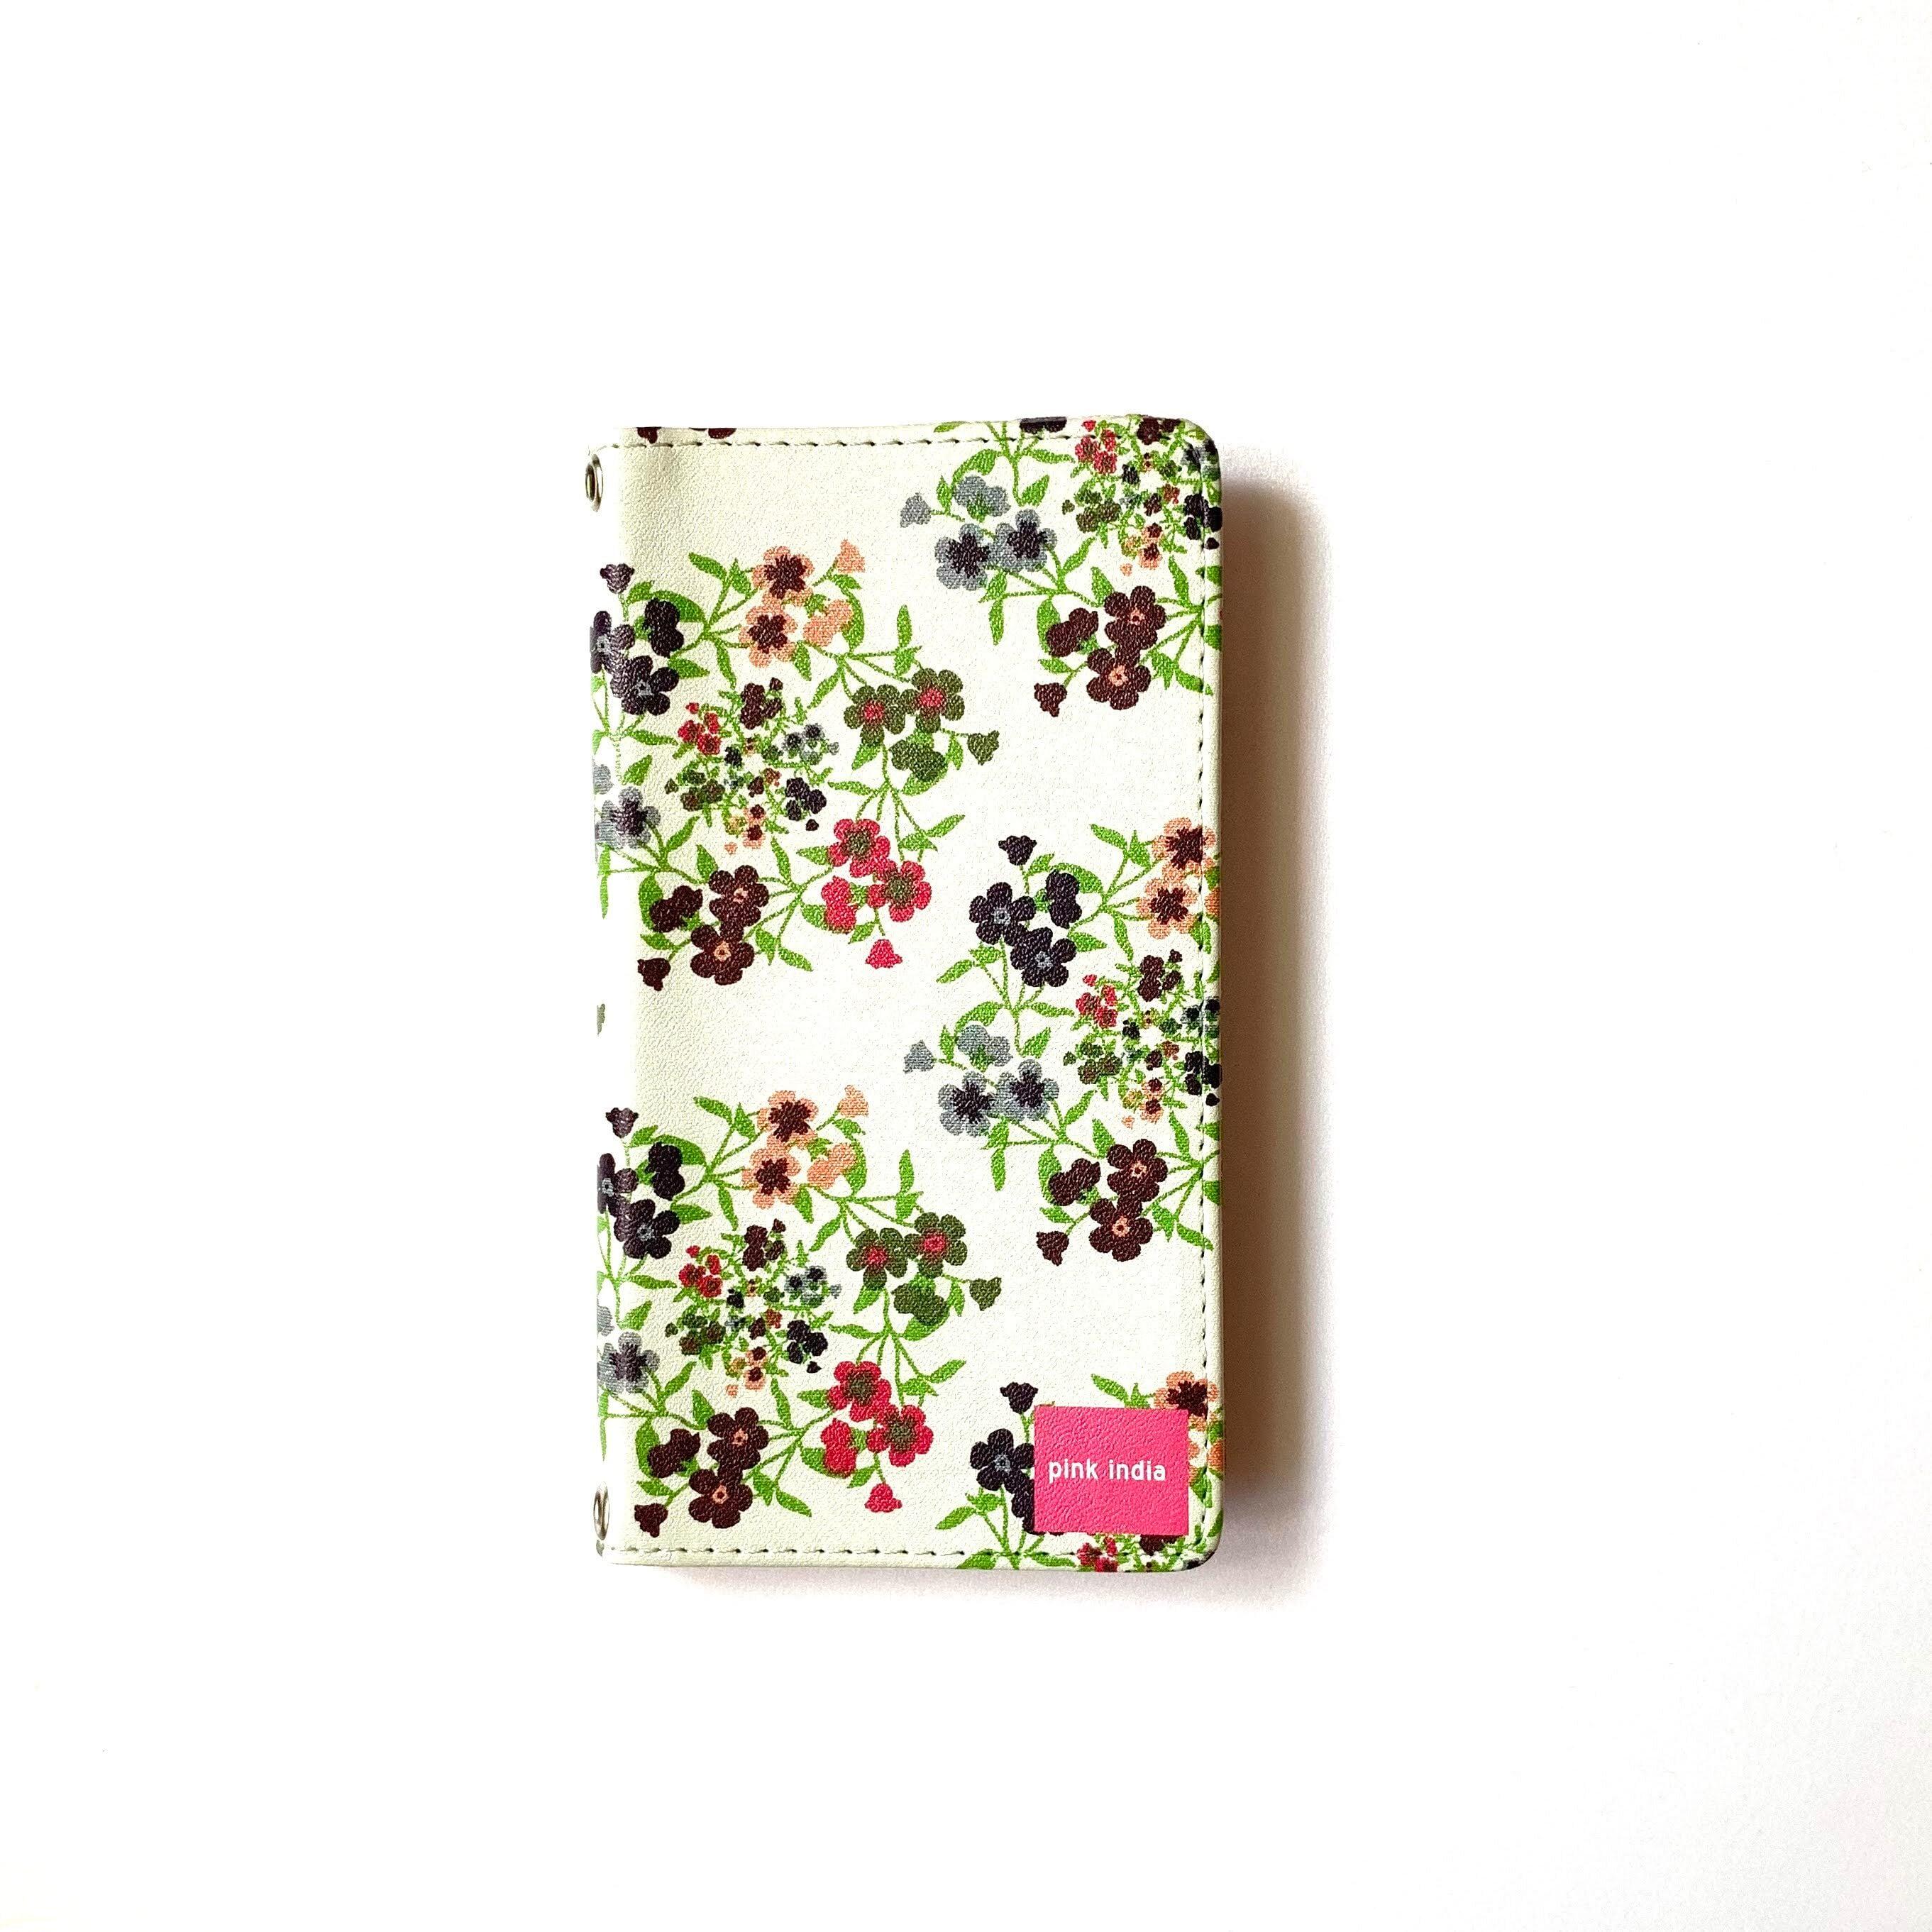 北欧デザイン 手帳型スマートフォンケース [ベルトなし] | iPhone6/7/8/SE(第二世代)兼用 | frida